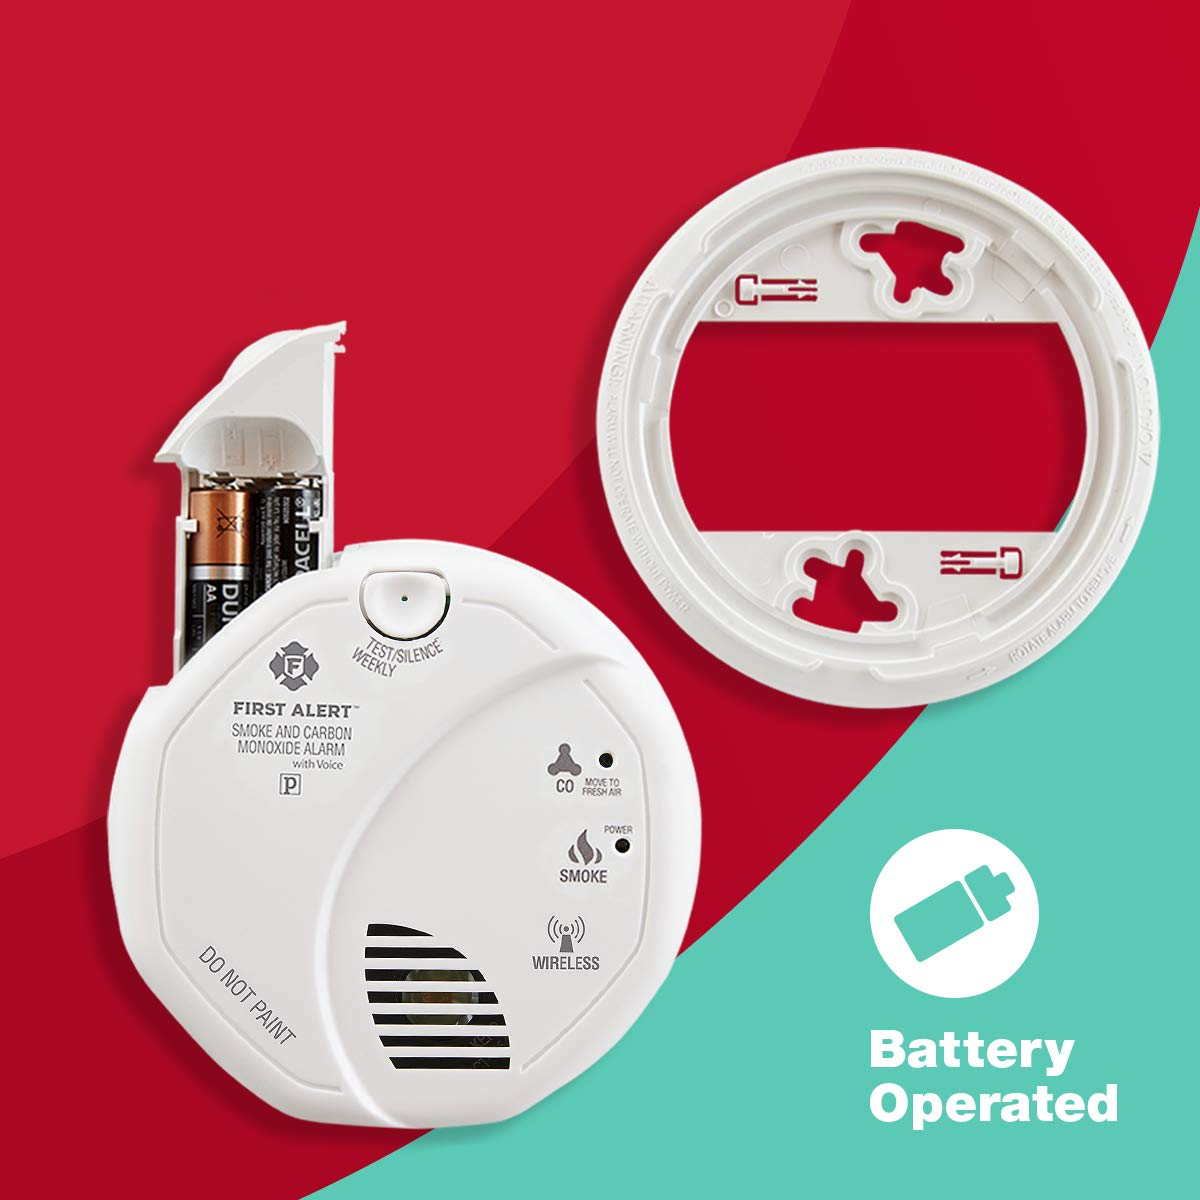 First Alert sco501cn-3st combinación de Humo y monóxido de Carbono Alarma con Voz ubicación, Funciona con Pilas: Amazon.es: Bricolaje y herramientas